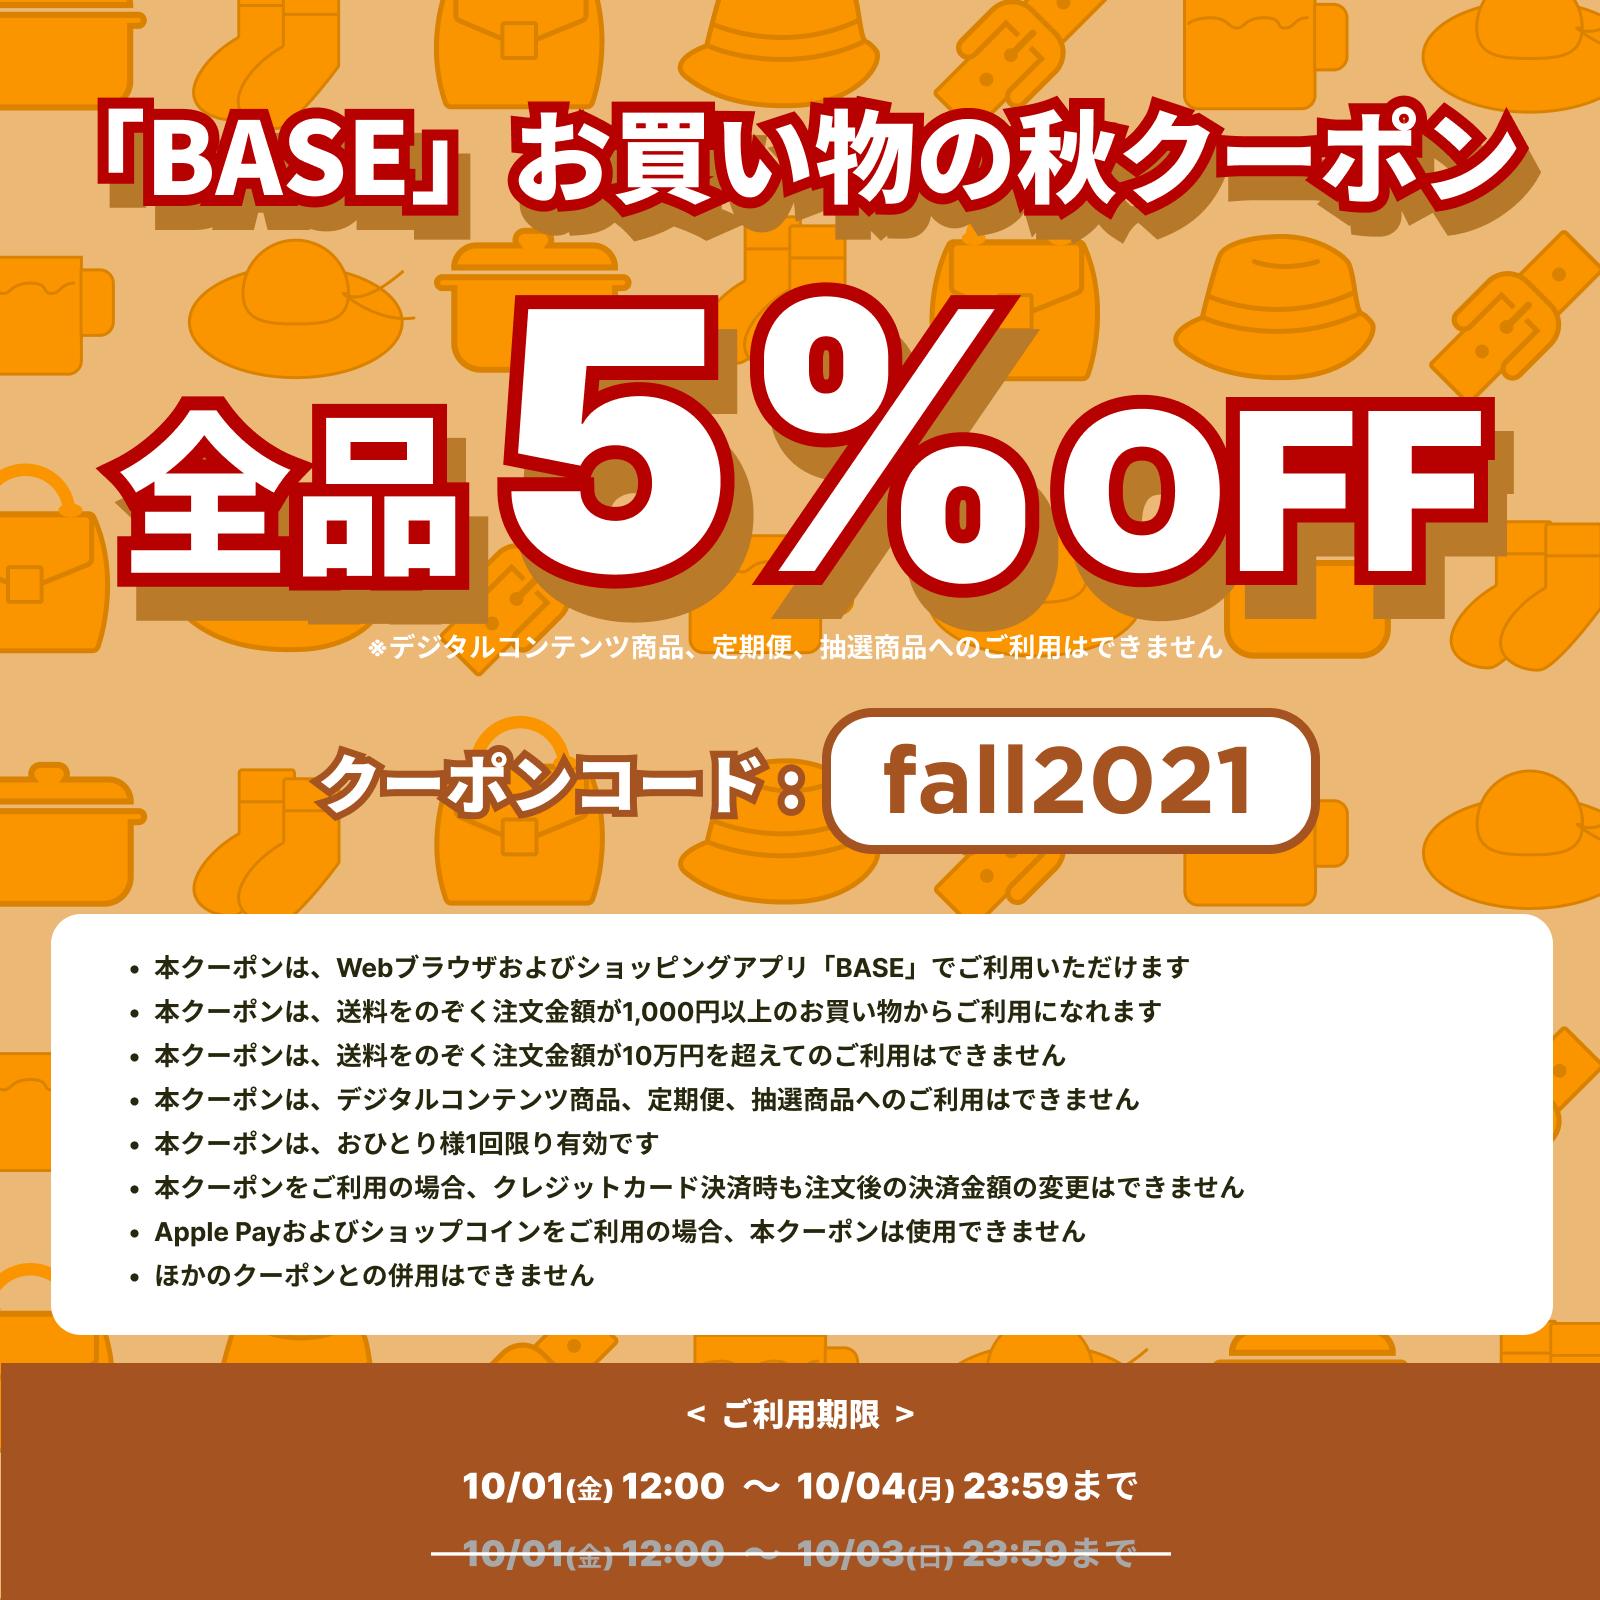 【10/1~10/4 期間限定】5%OFFクーポンキャンペーン